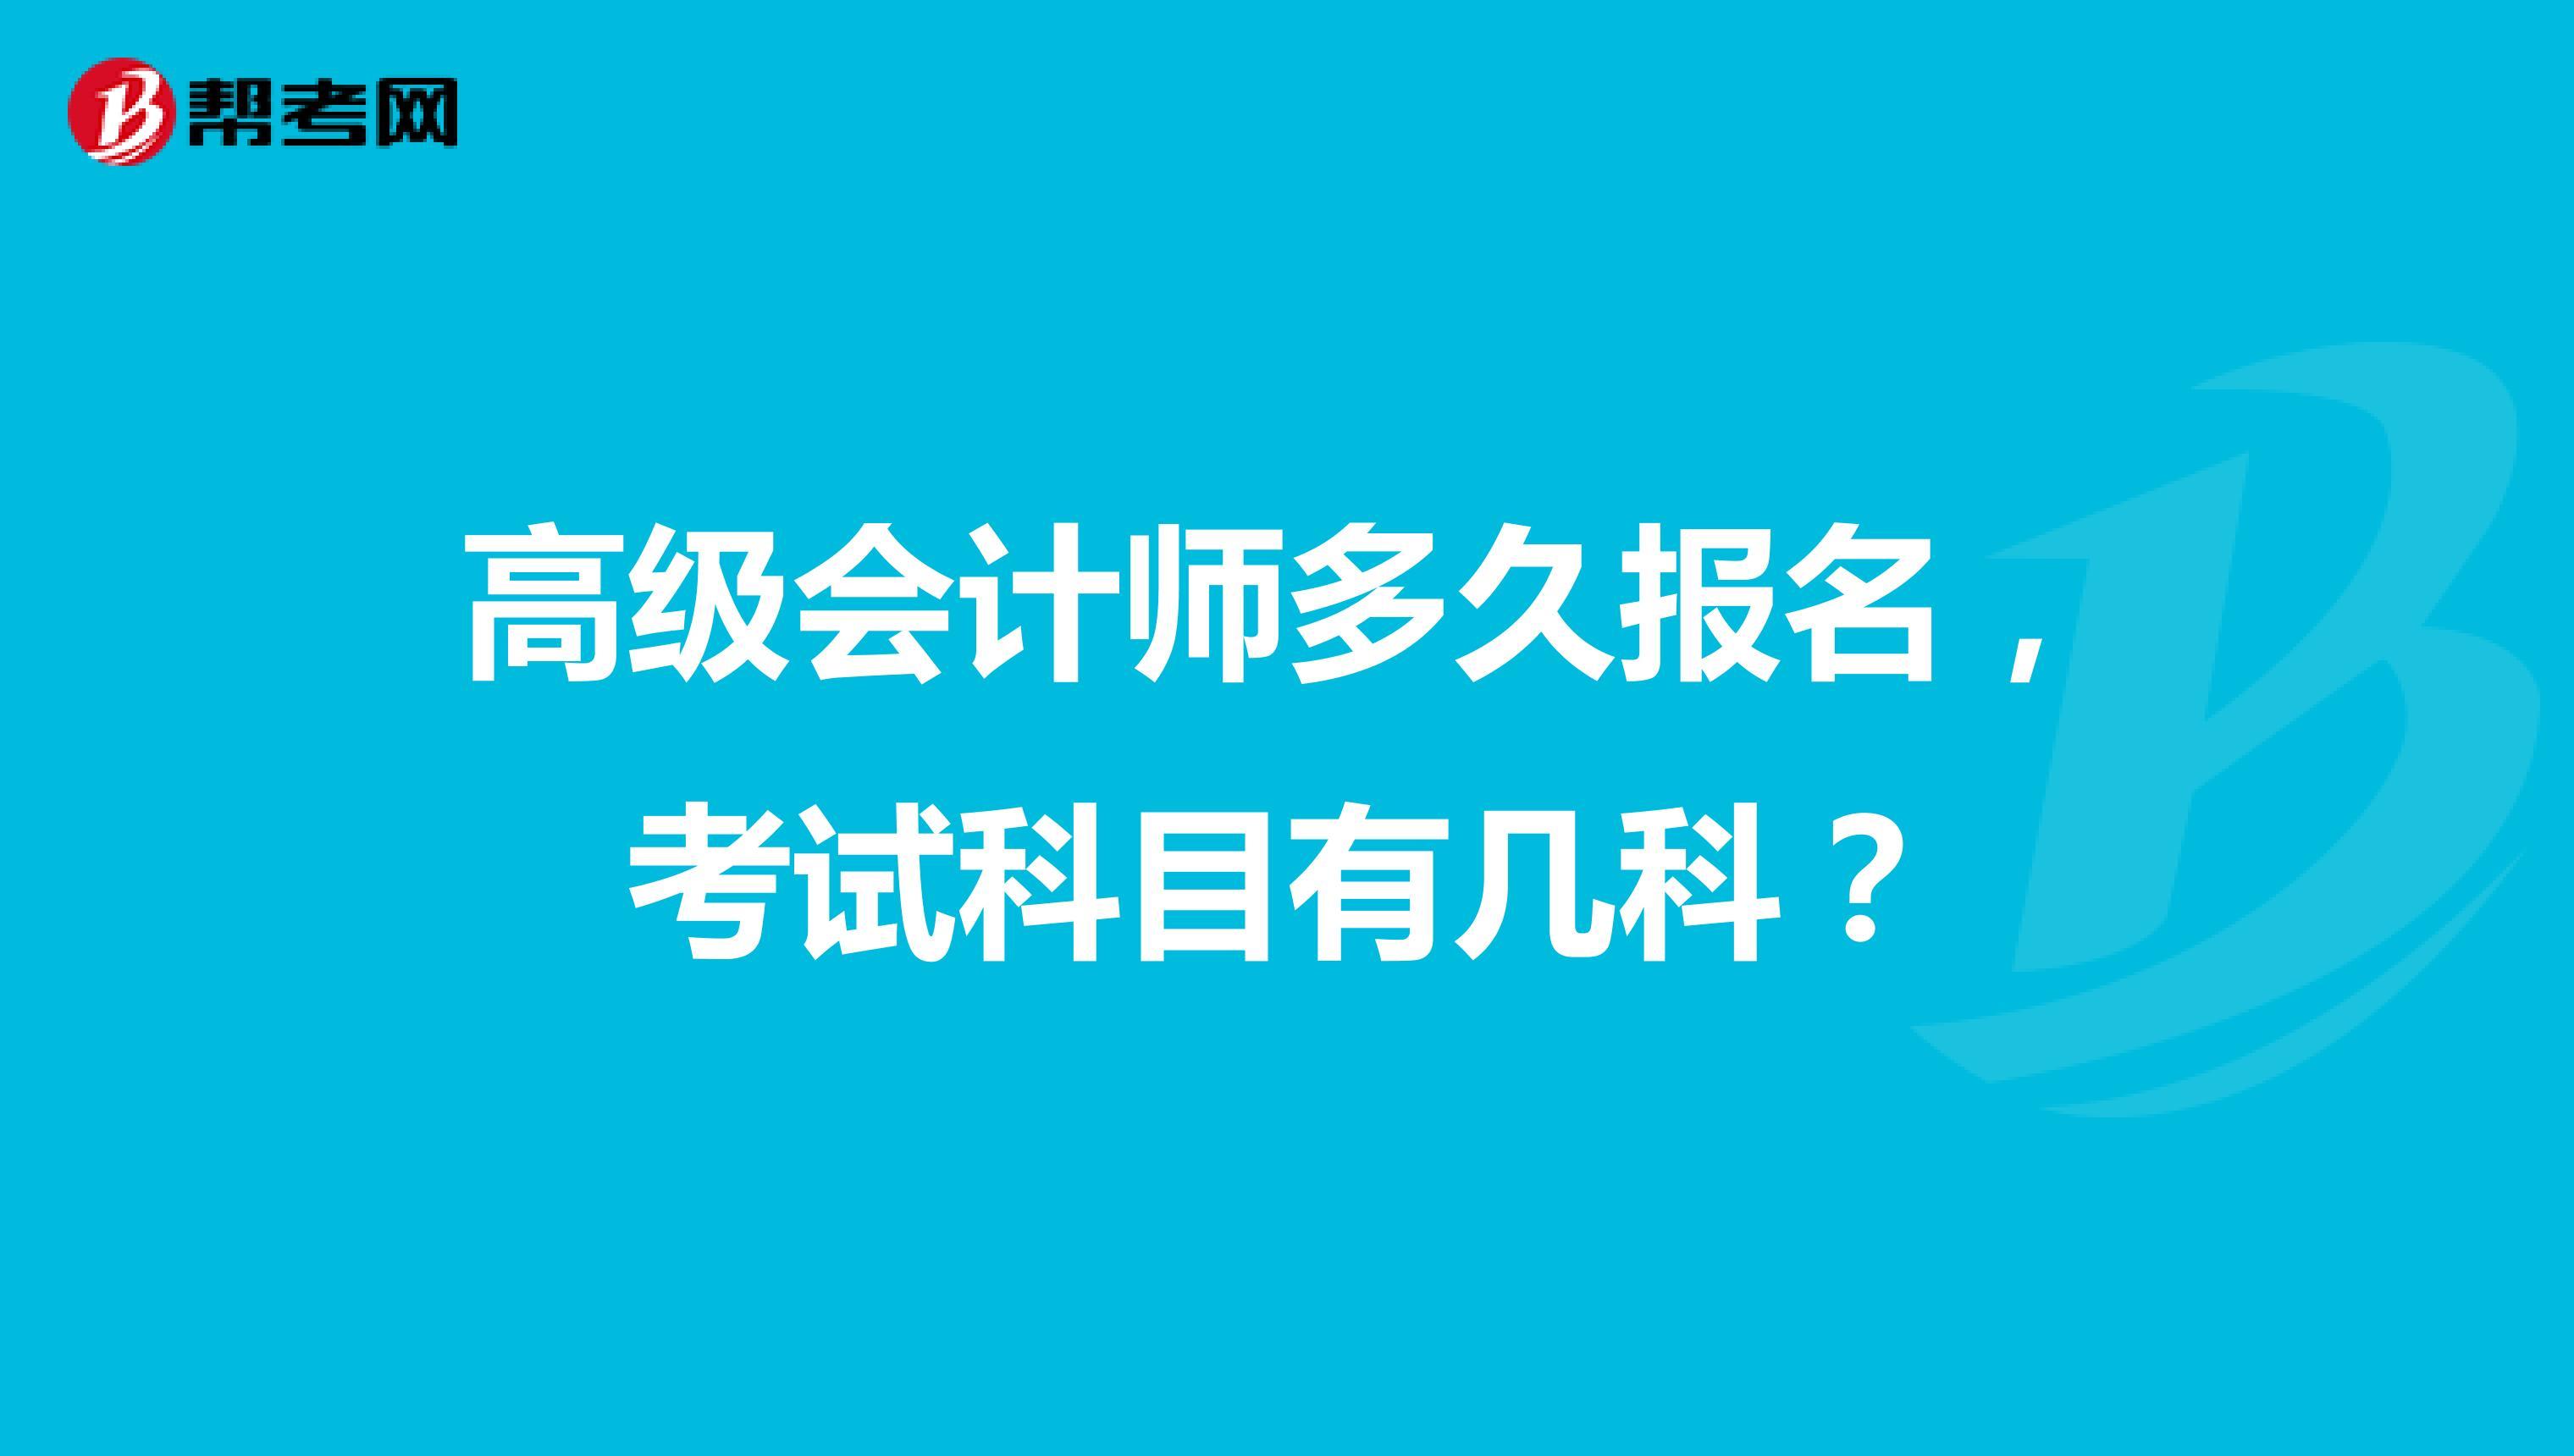 高级会计师多久报名,考试科目有几科?